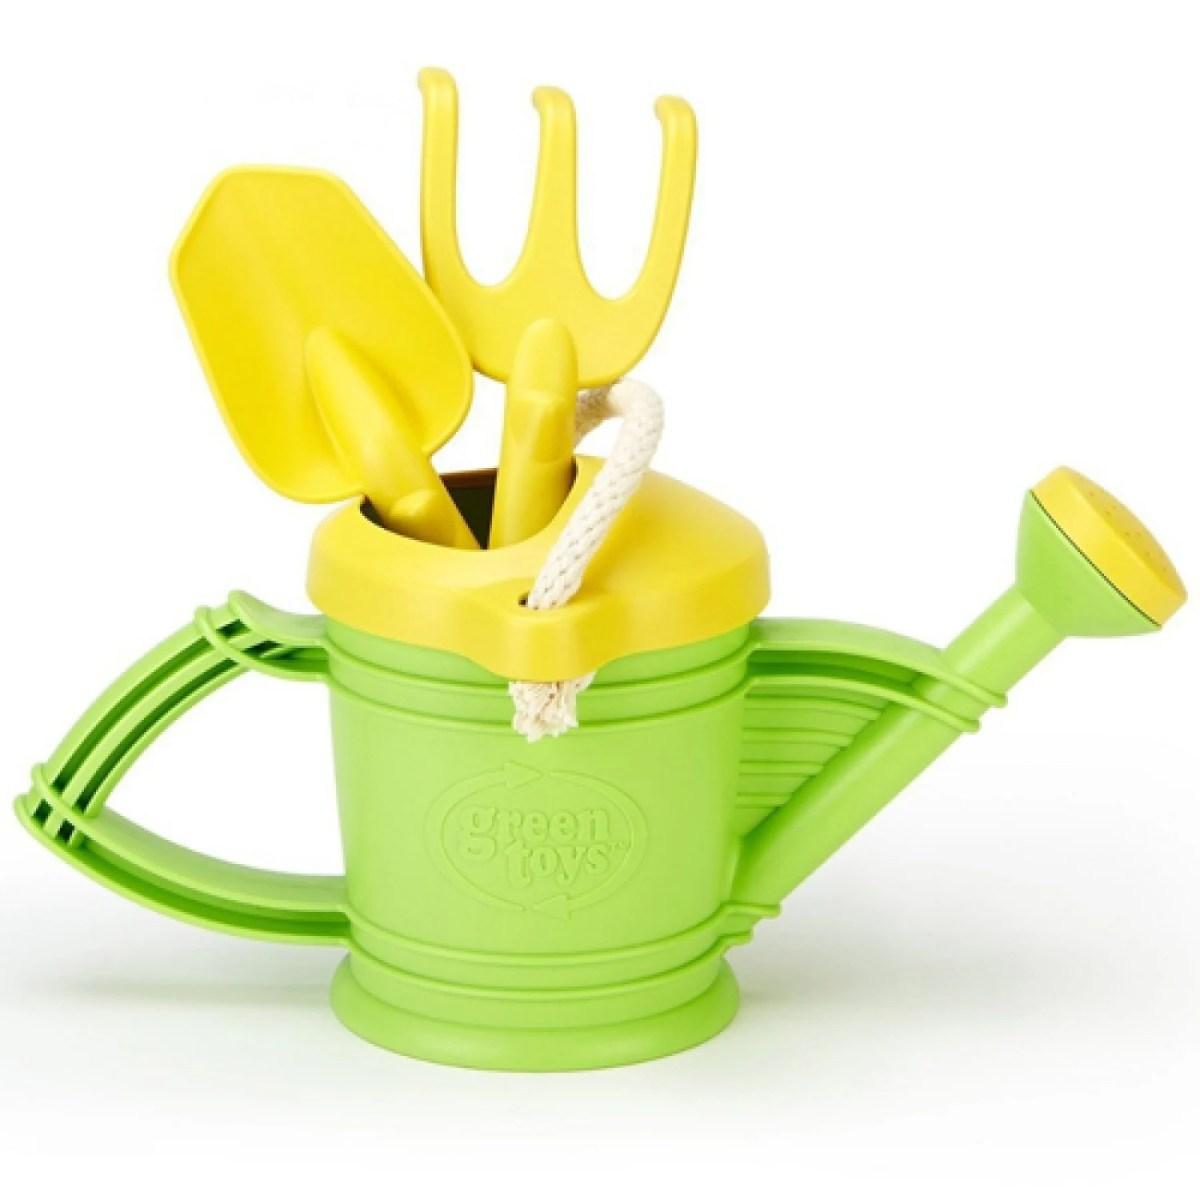 Green Toys - Gieter Groen